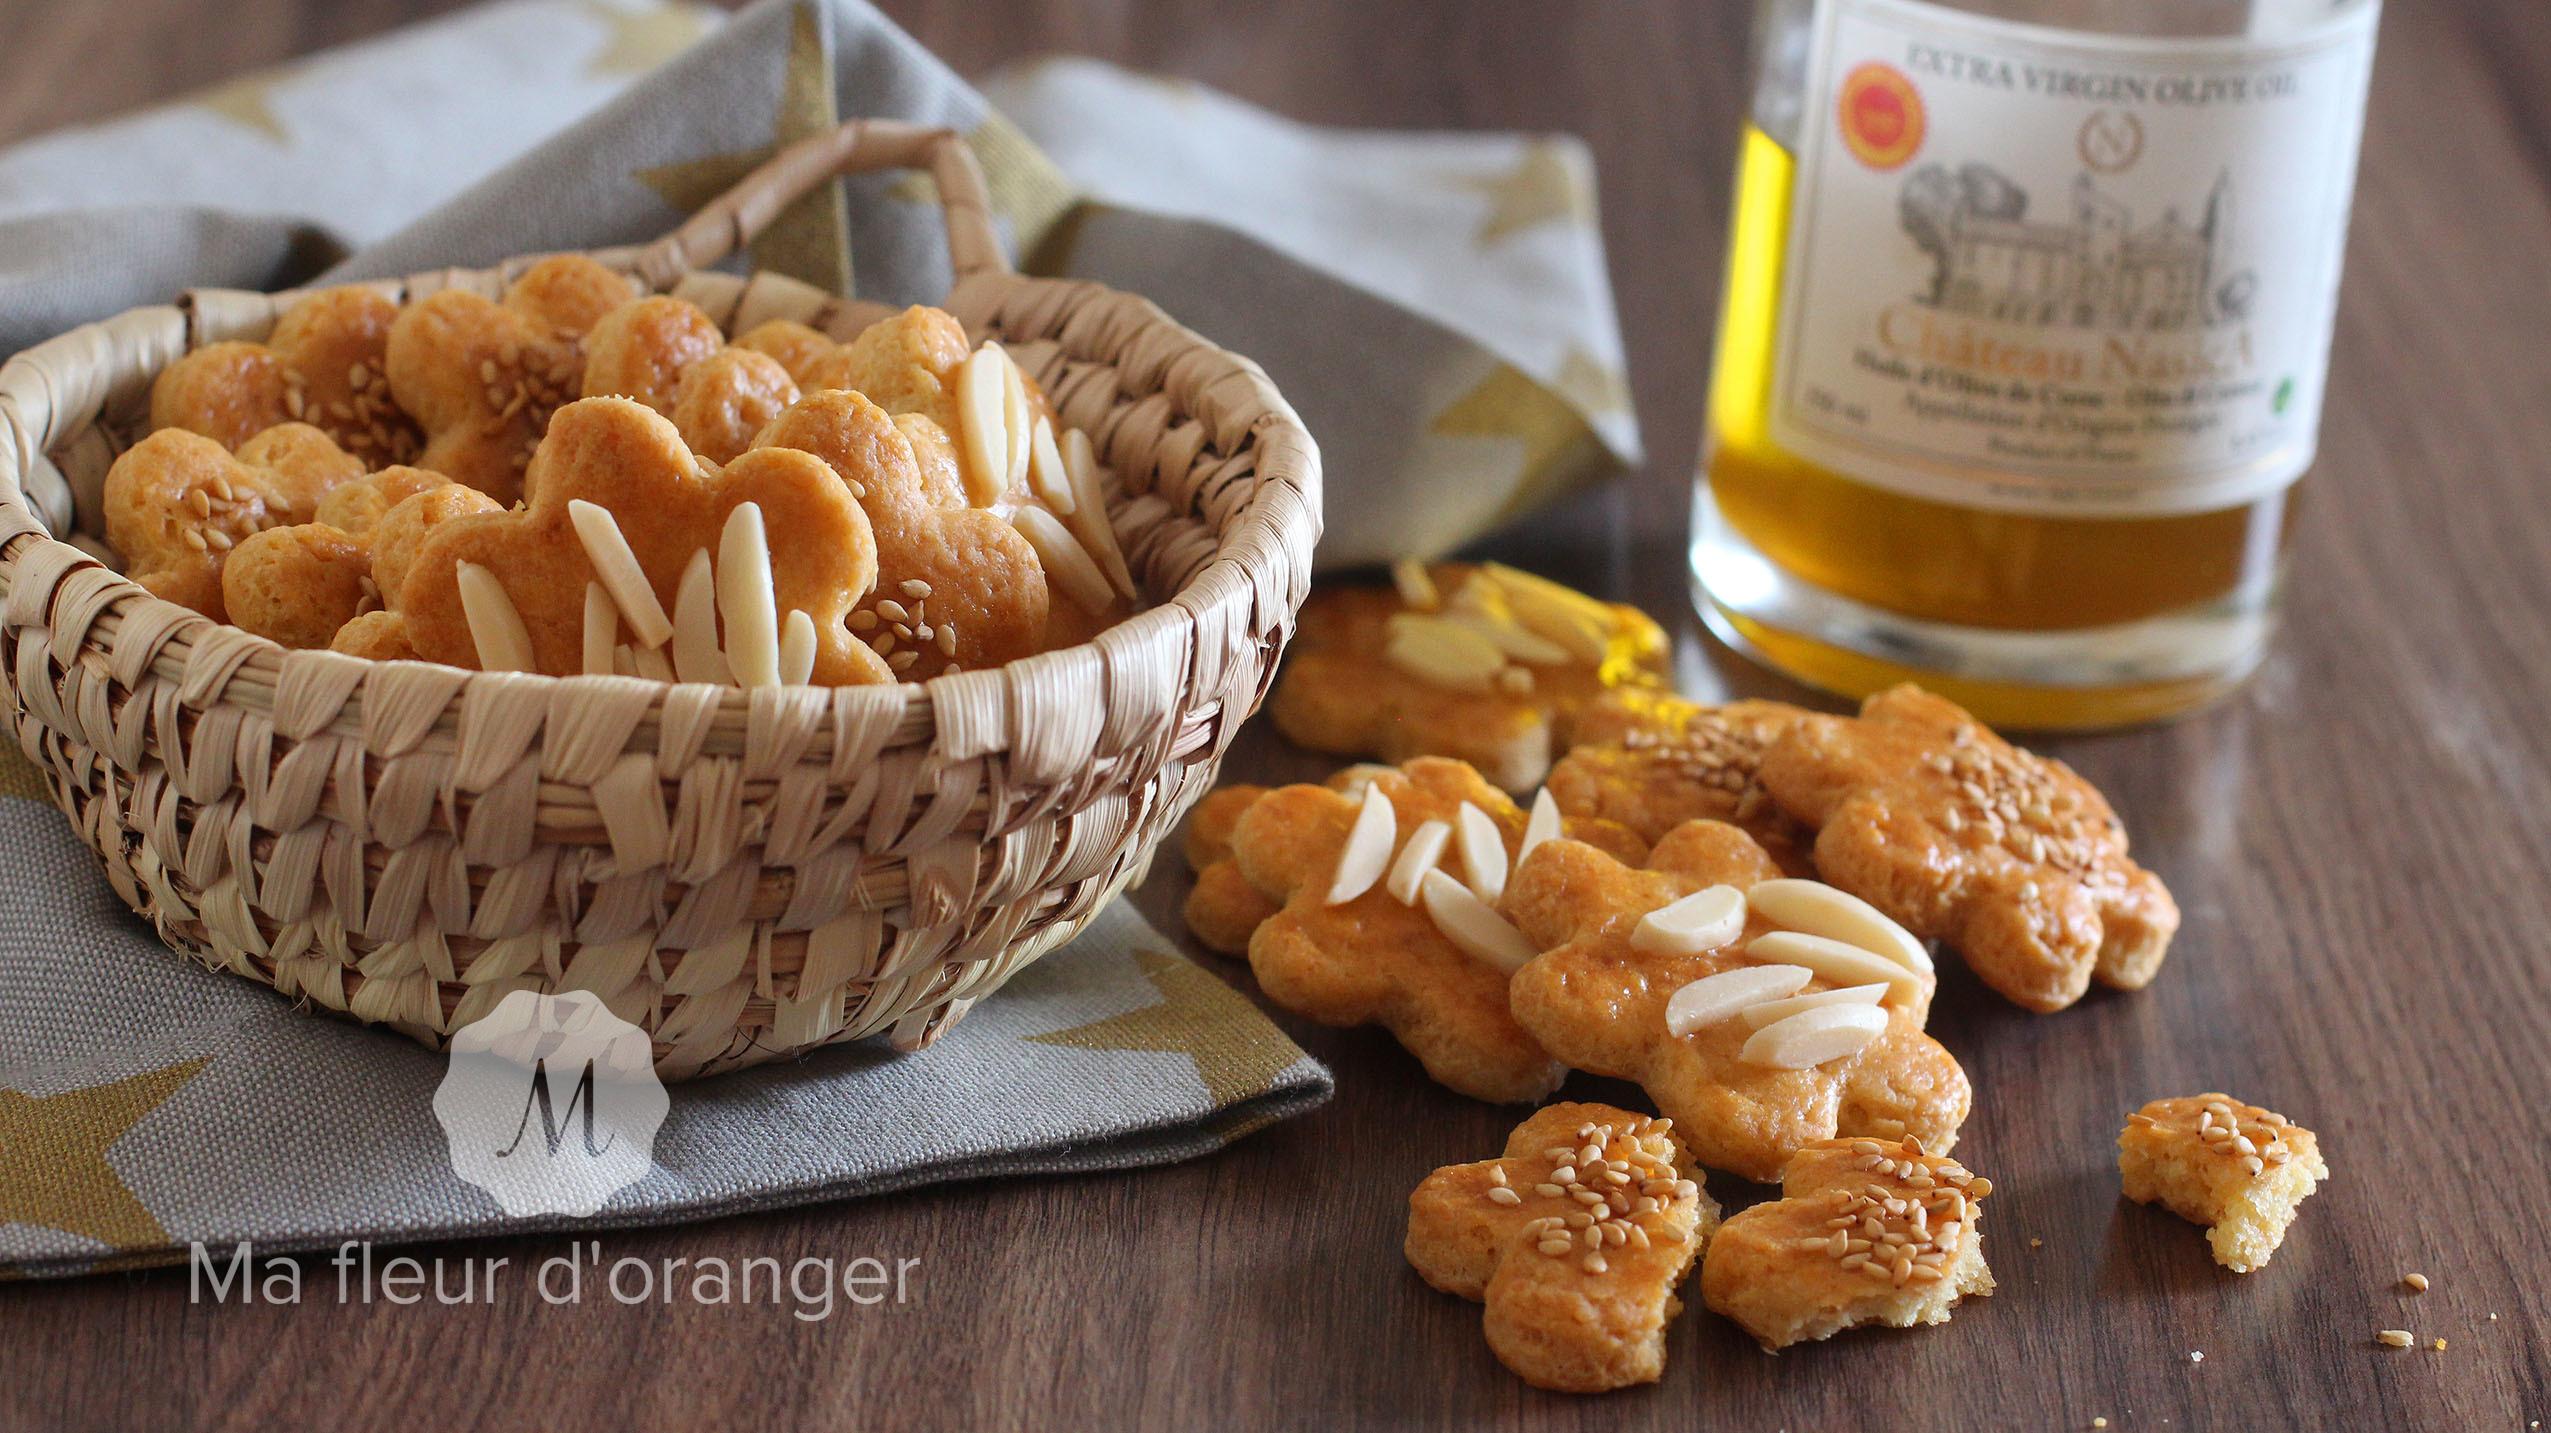 Ma Fleur D Oranger Mafleurdoranger Cuisiner N A Jamais Ete Si Facile